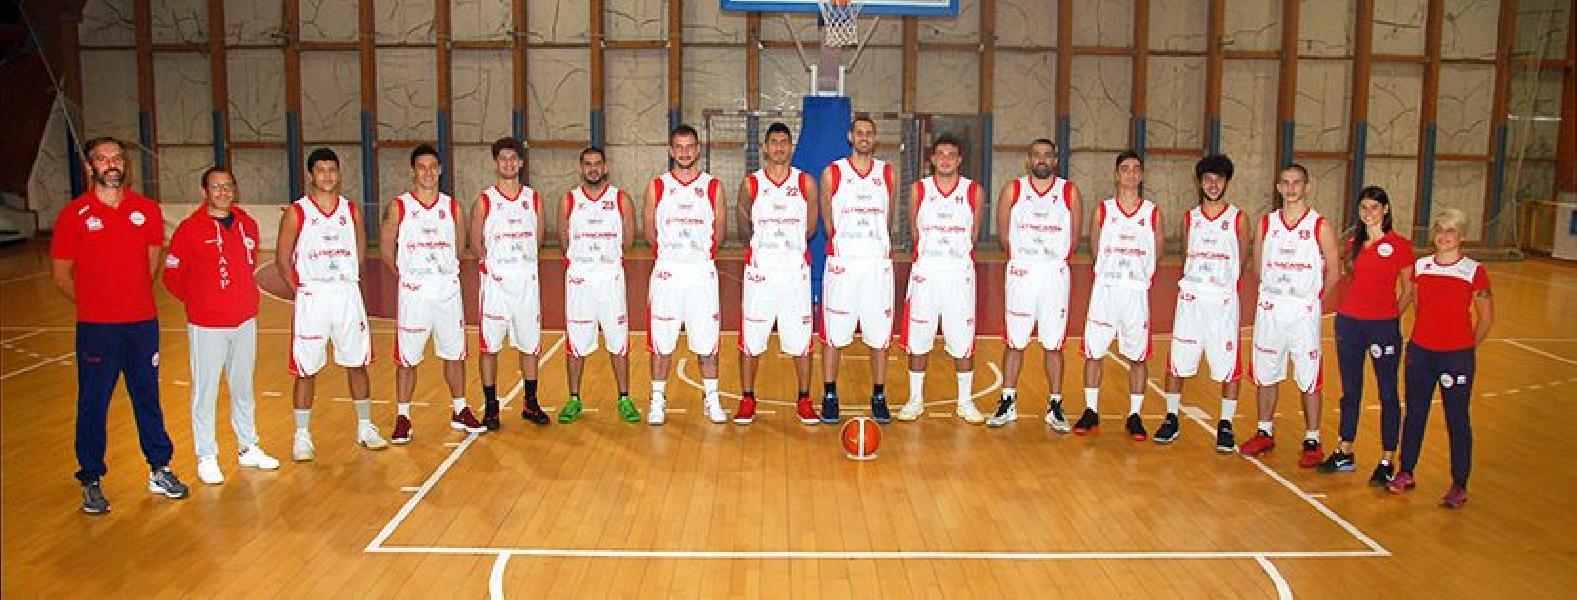 https://www.basketmarche.it/immagini_articoli/14-01-2019/tasp-teramo-supera-termoli-coach-stirpe-vittoria-molto-importante-bravi-600.jpg